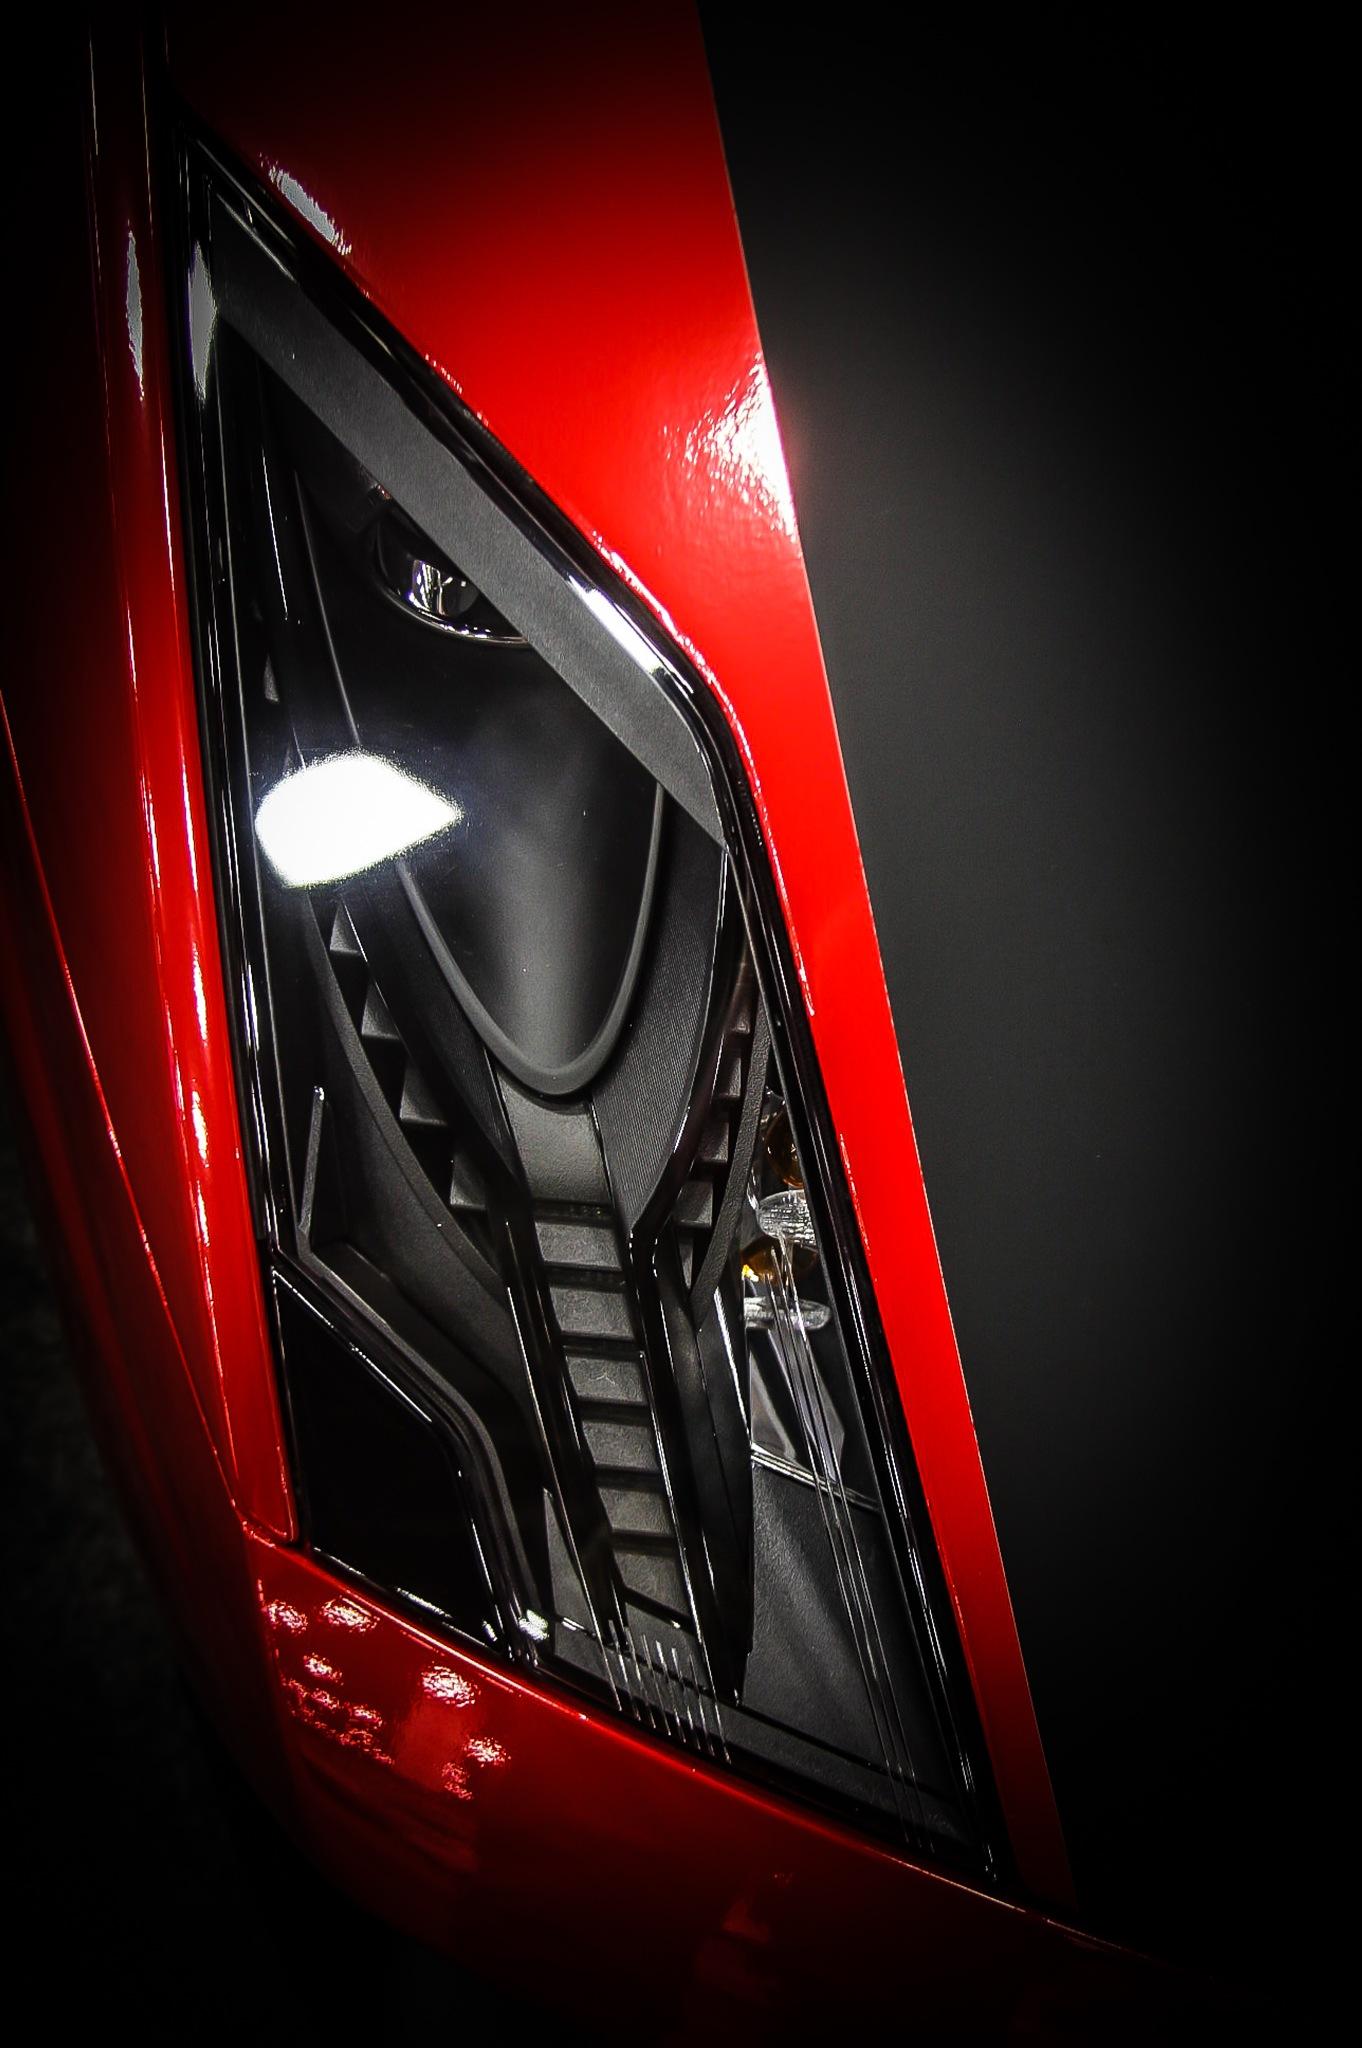 2018 Lamborghini Gallardo Headlight by ZS Photography